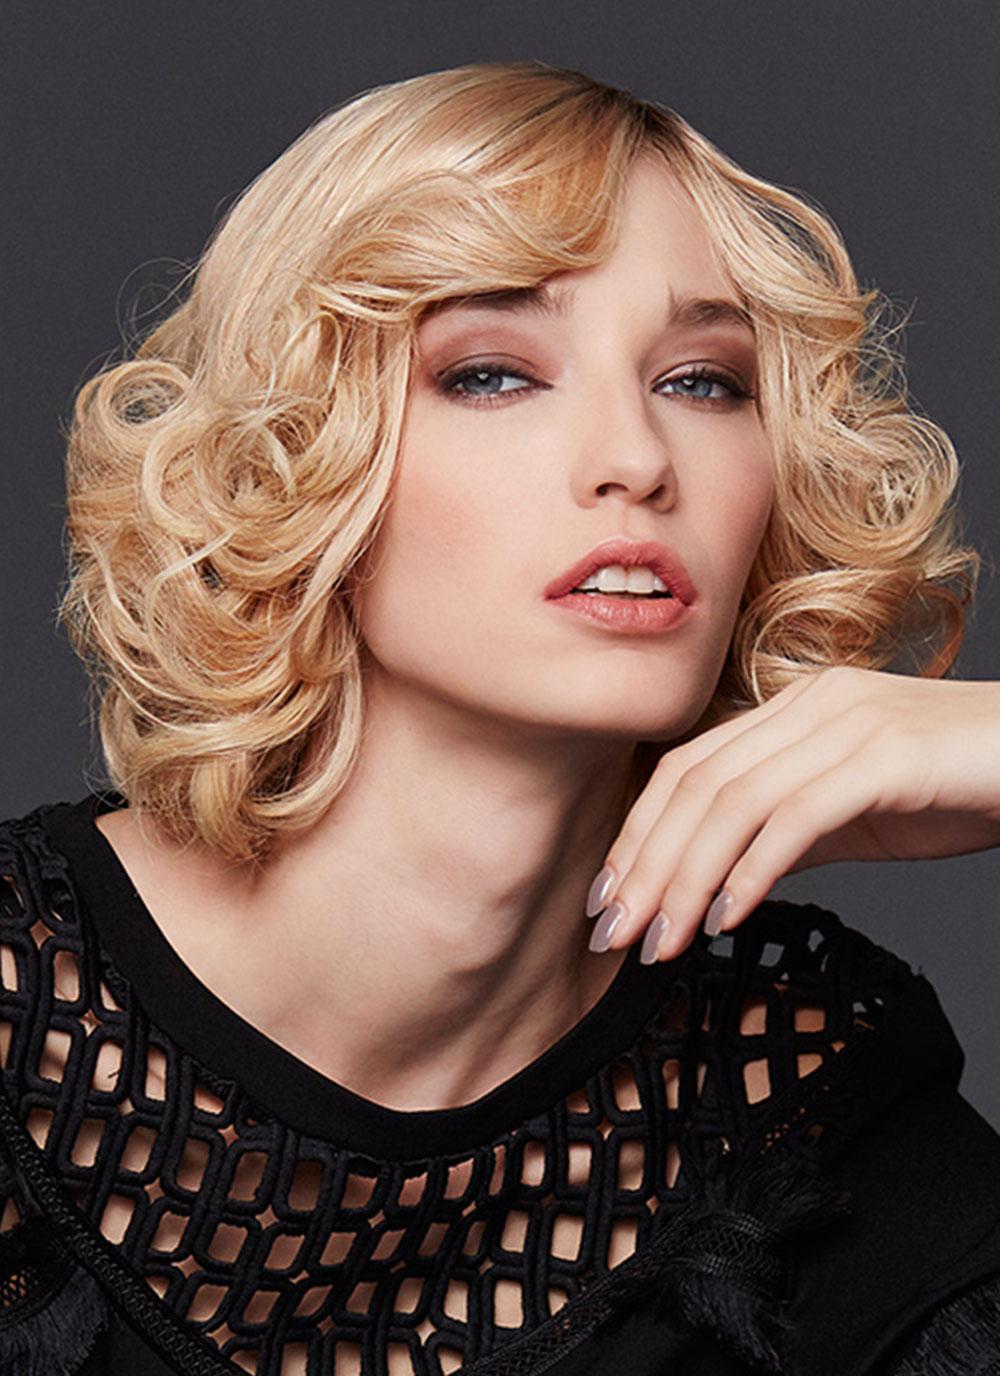 peruca par natural, peruca luxery lace h, peruci cluj, peruci timisoara, peruca gisela mayer